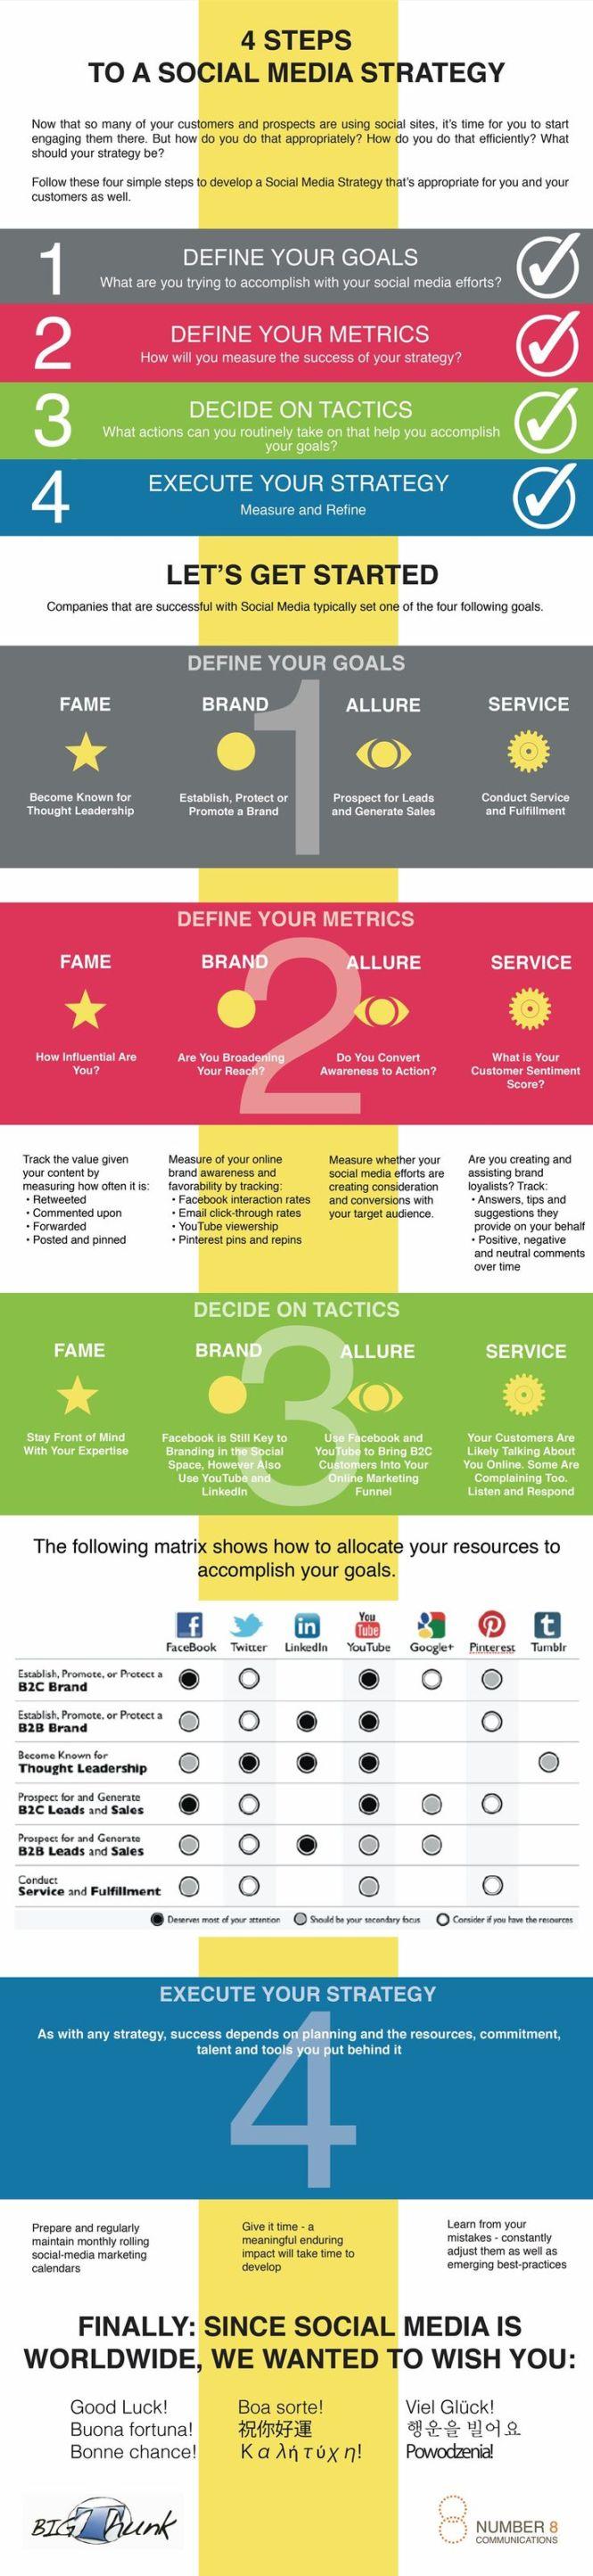 4 step social media strategy.jpg